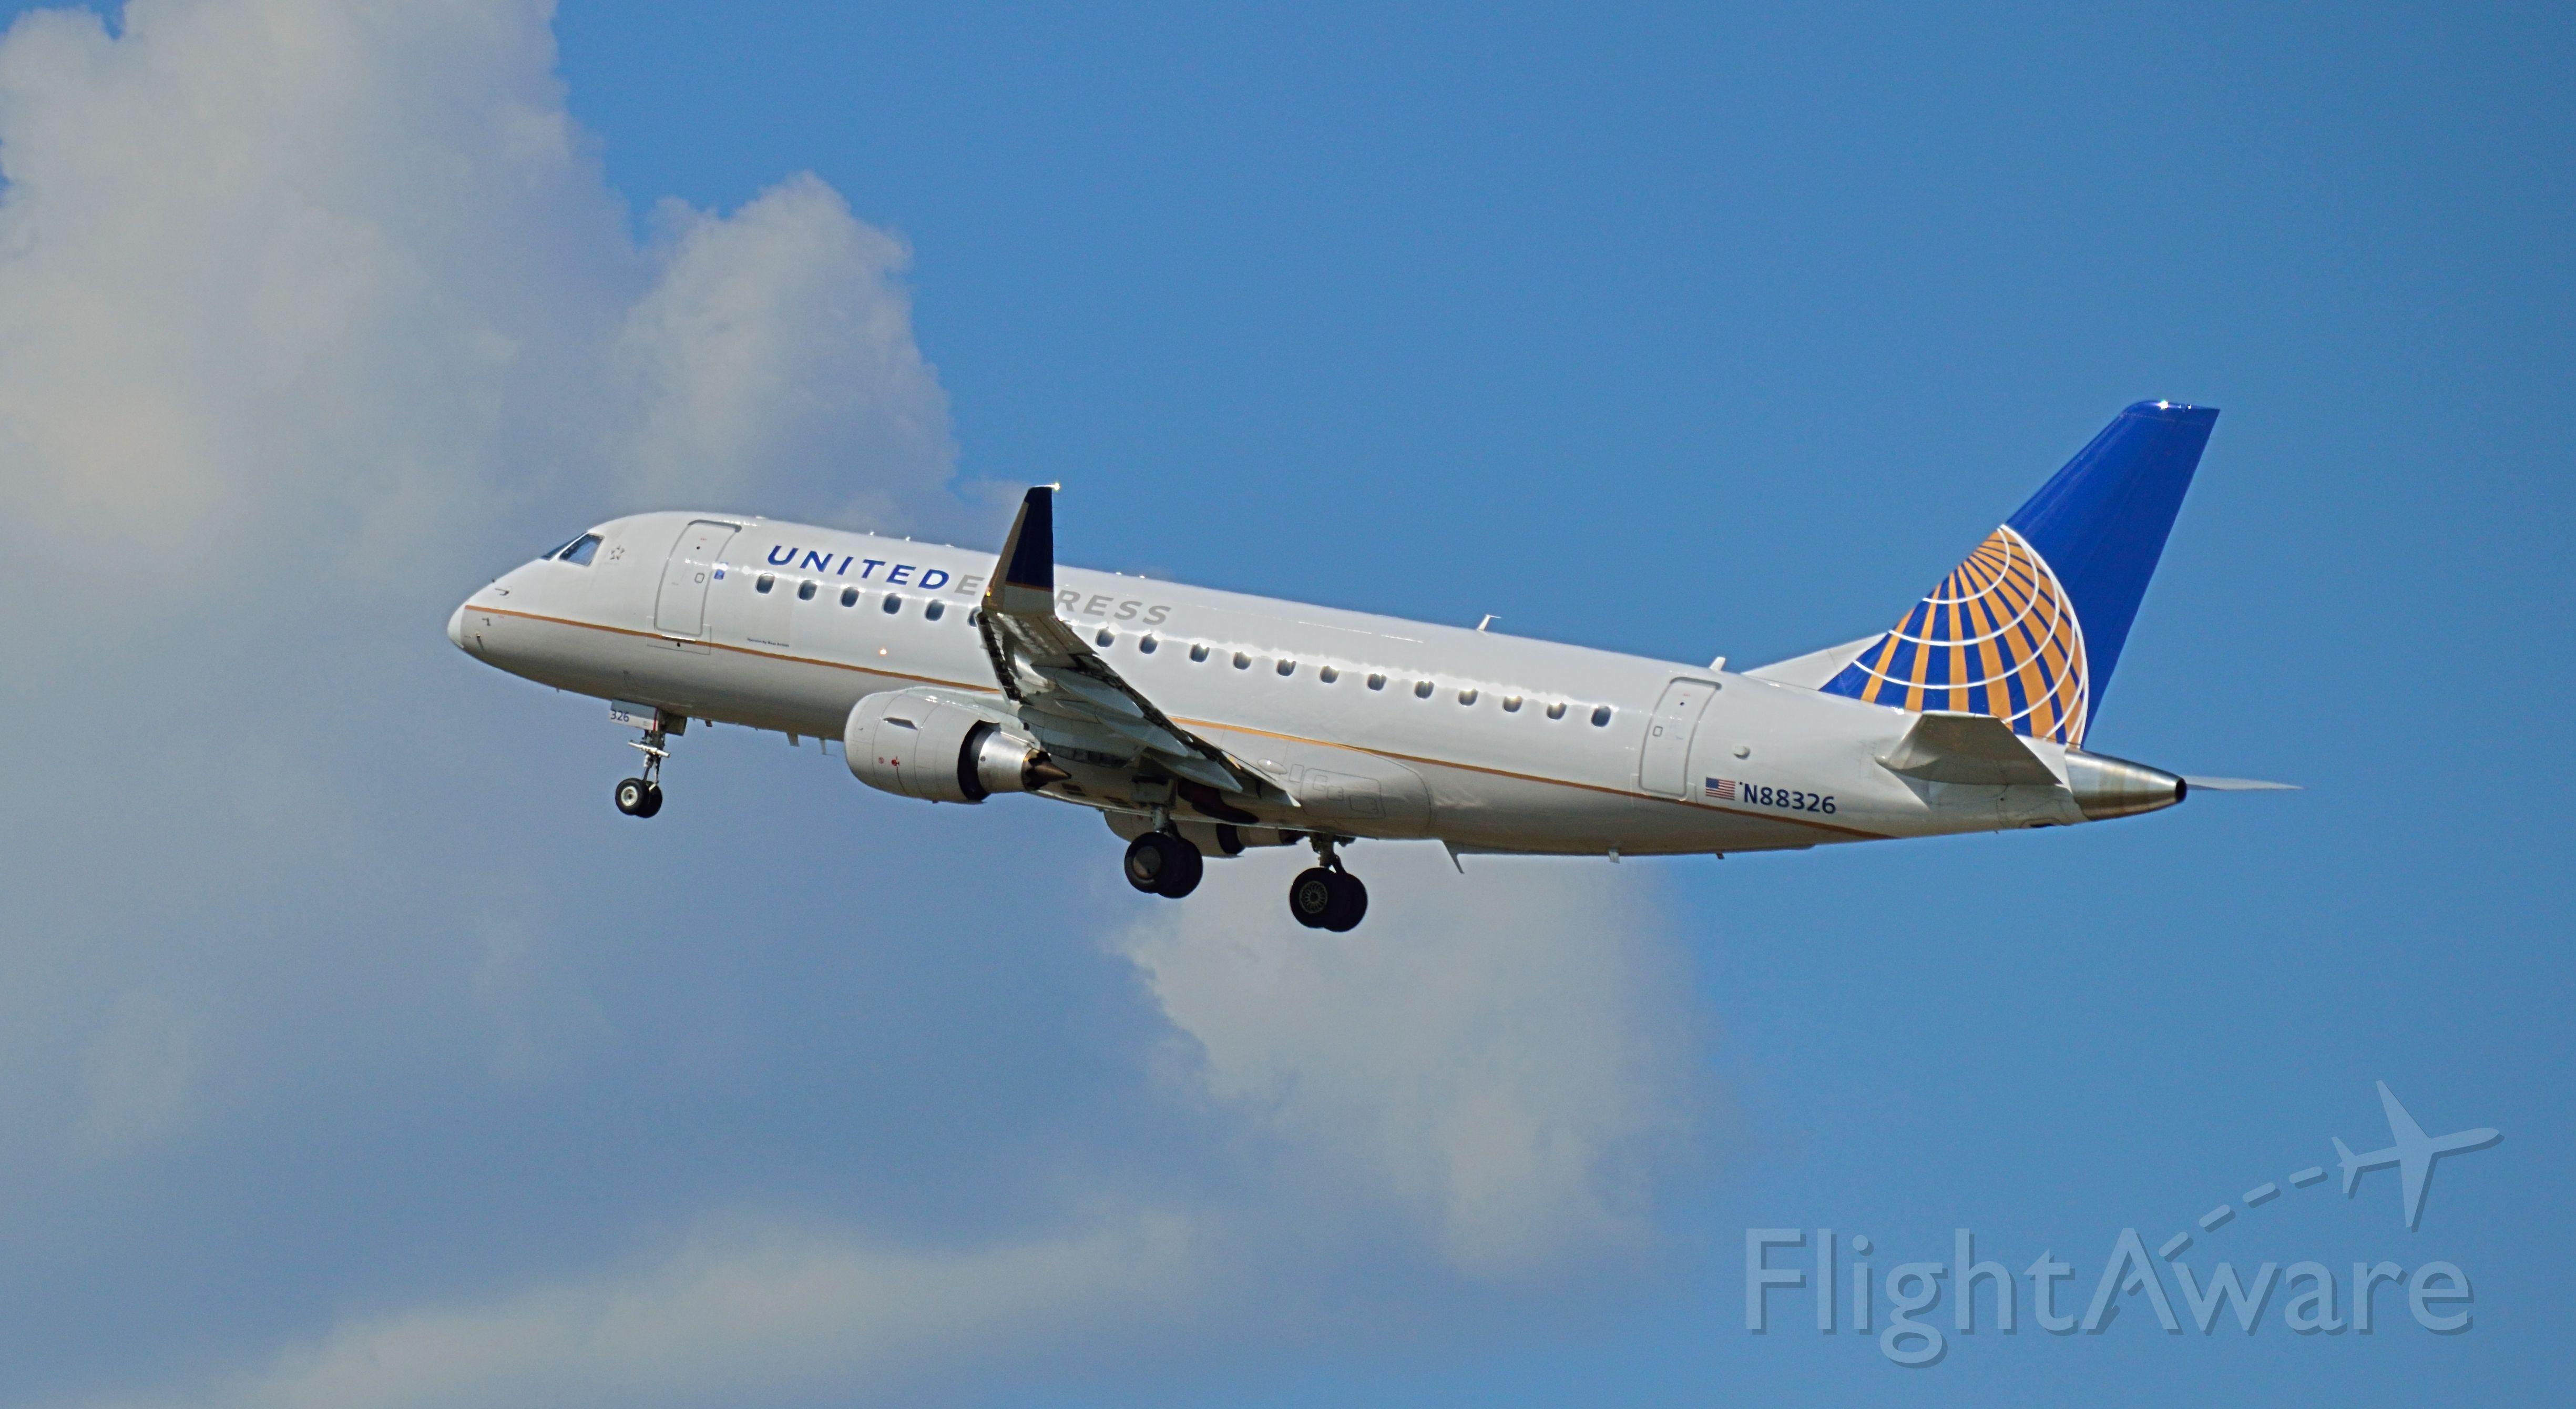 Embraer 170/175 (N88326) - United E175 blasting off KBDL